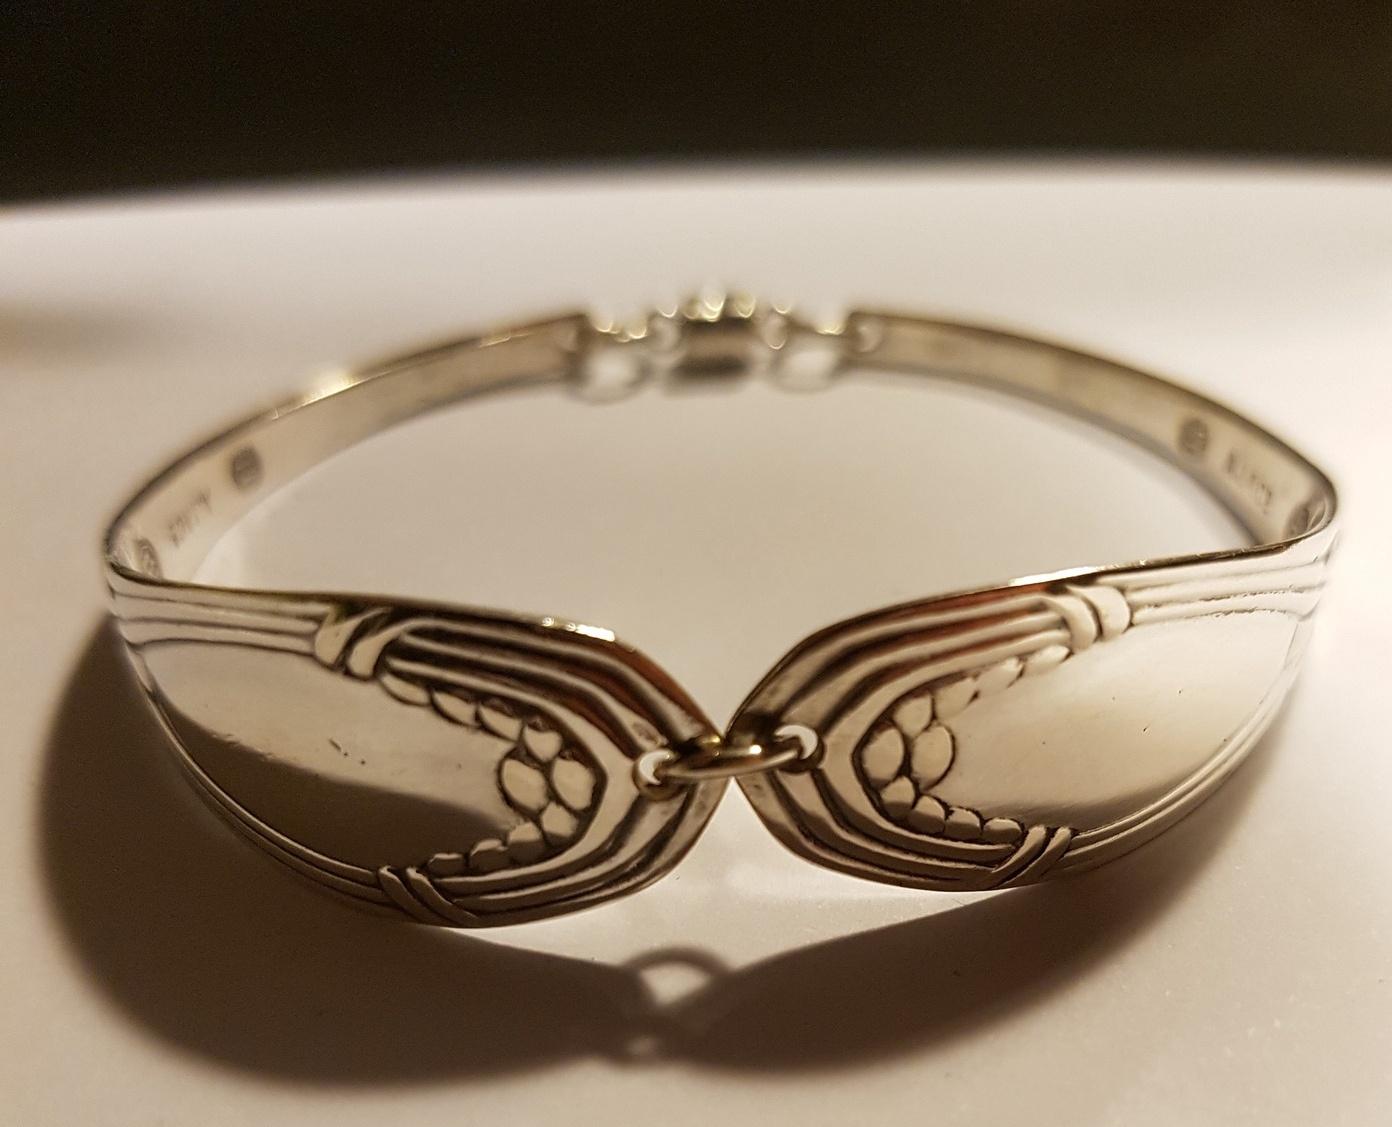 Danish 1917 silverspoon bracelet